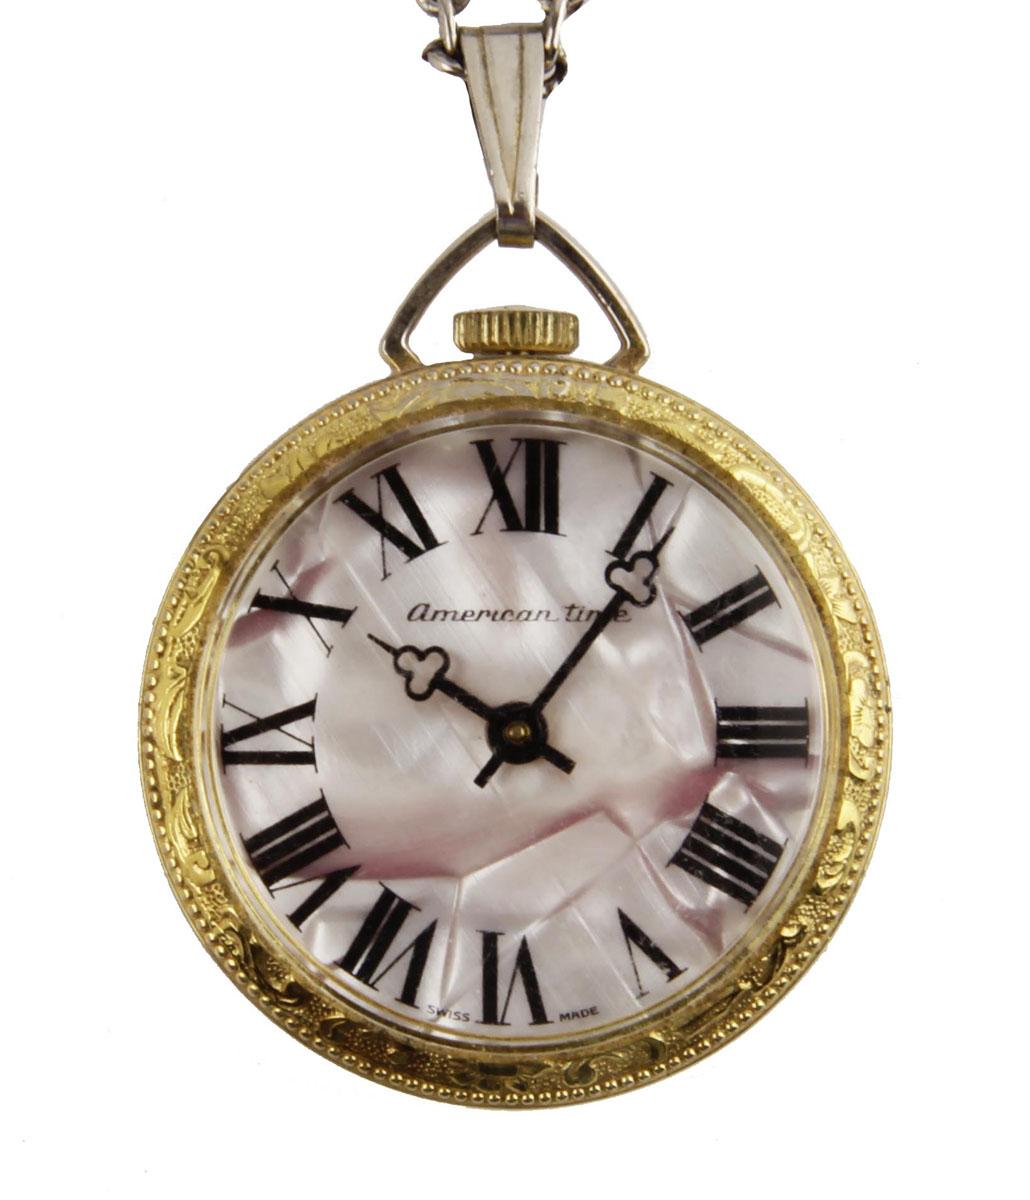 Изящные дамские часы на цепочке. Металл, стекло, кварцевый часовой механизм. Конец XX векаОС28659Изящные дамские часы на цепочке. Металл, стекло, кварцевый часовой механизм. Конец XX века. Диаметр 3,5 см, длина цепочки 60 см. Сохранность хорошая. Часы в рабочем состоянии. Оригинальные дамские часы на цепочке выполнены в классическом стиле. Задняя крышка богато украшена гравированным растительным орнаментом. Стильный акцент винтажного образа и оригинальная идея для подарка!